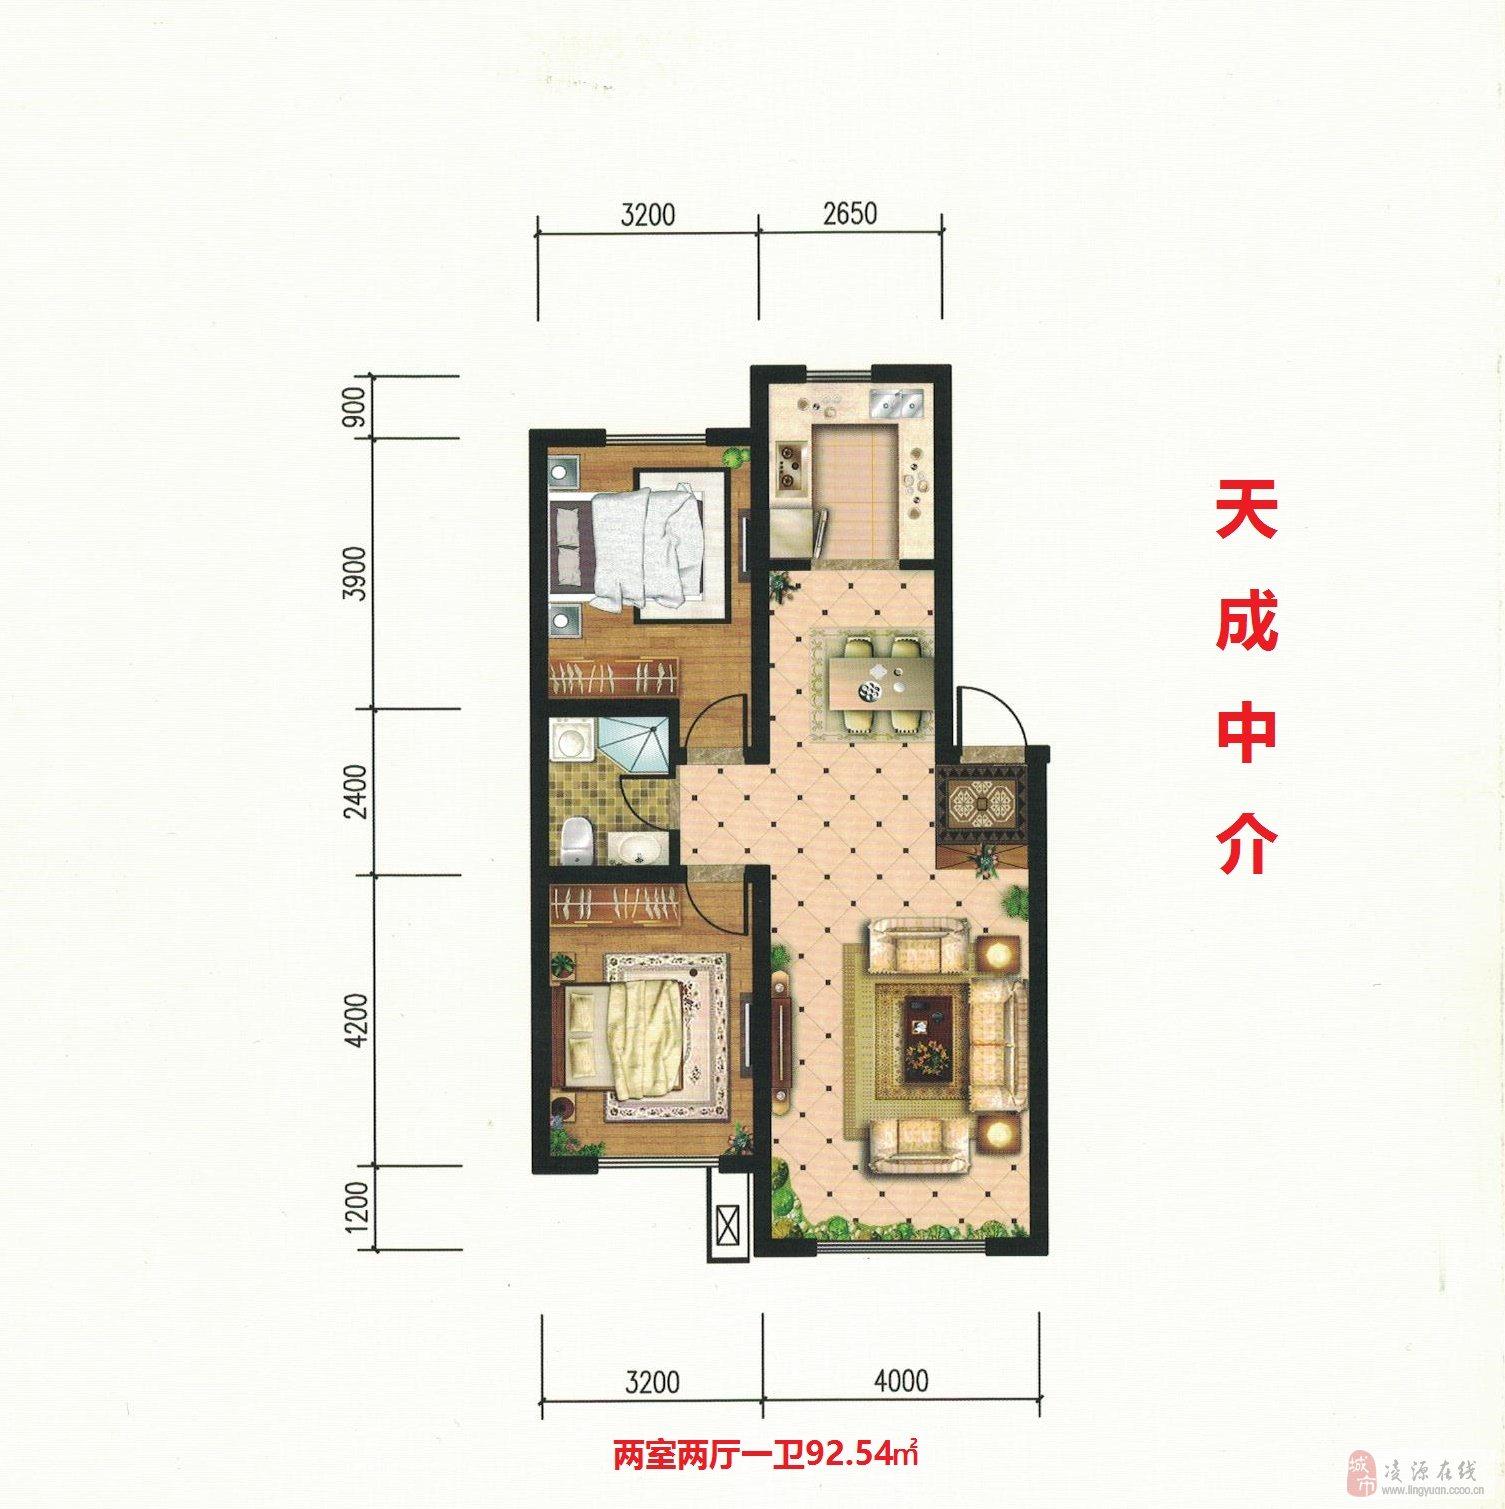 世紀城三期三室8樓106平41萬元